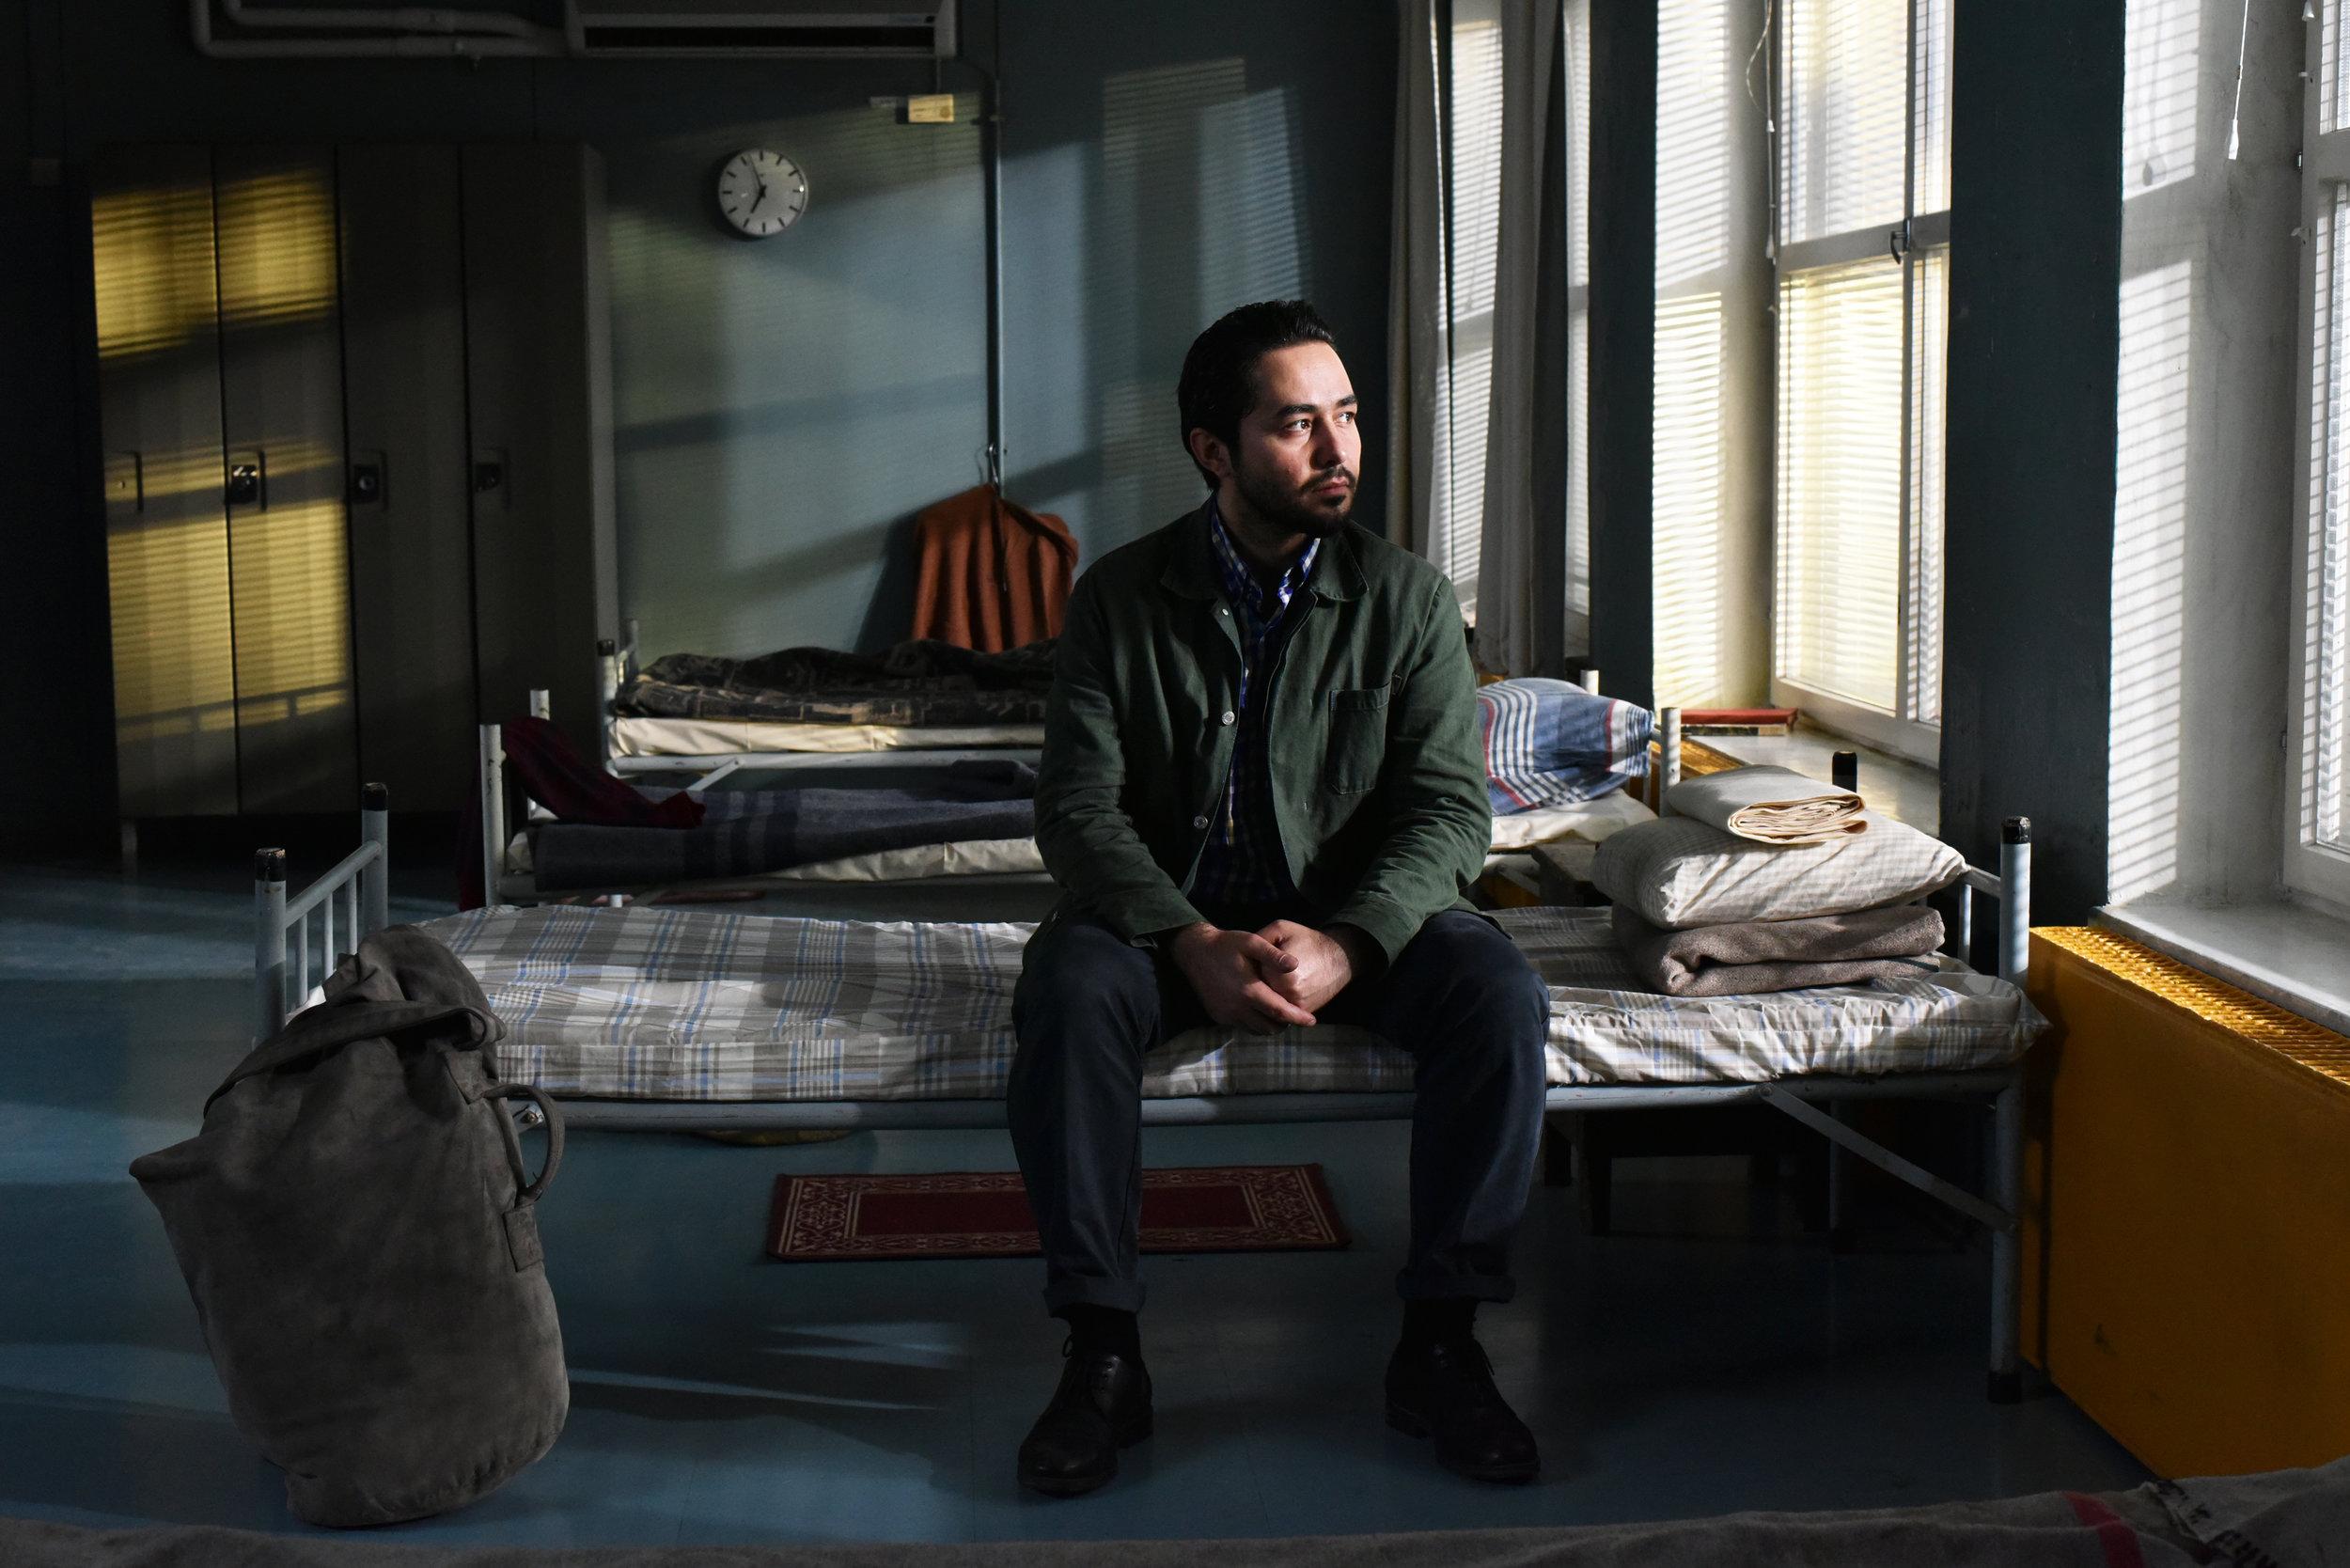 """Den syriske flyktningen Khaled (Sherwan Haji) har ankommet asylmottaket i Helsinki i Aki Kaurismäkis film """"Den andre siden av håpet""""."""